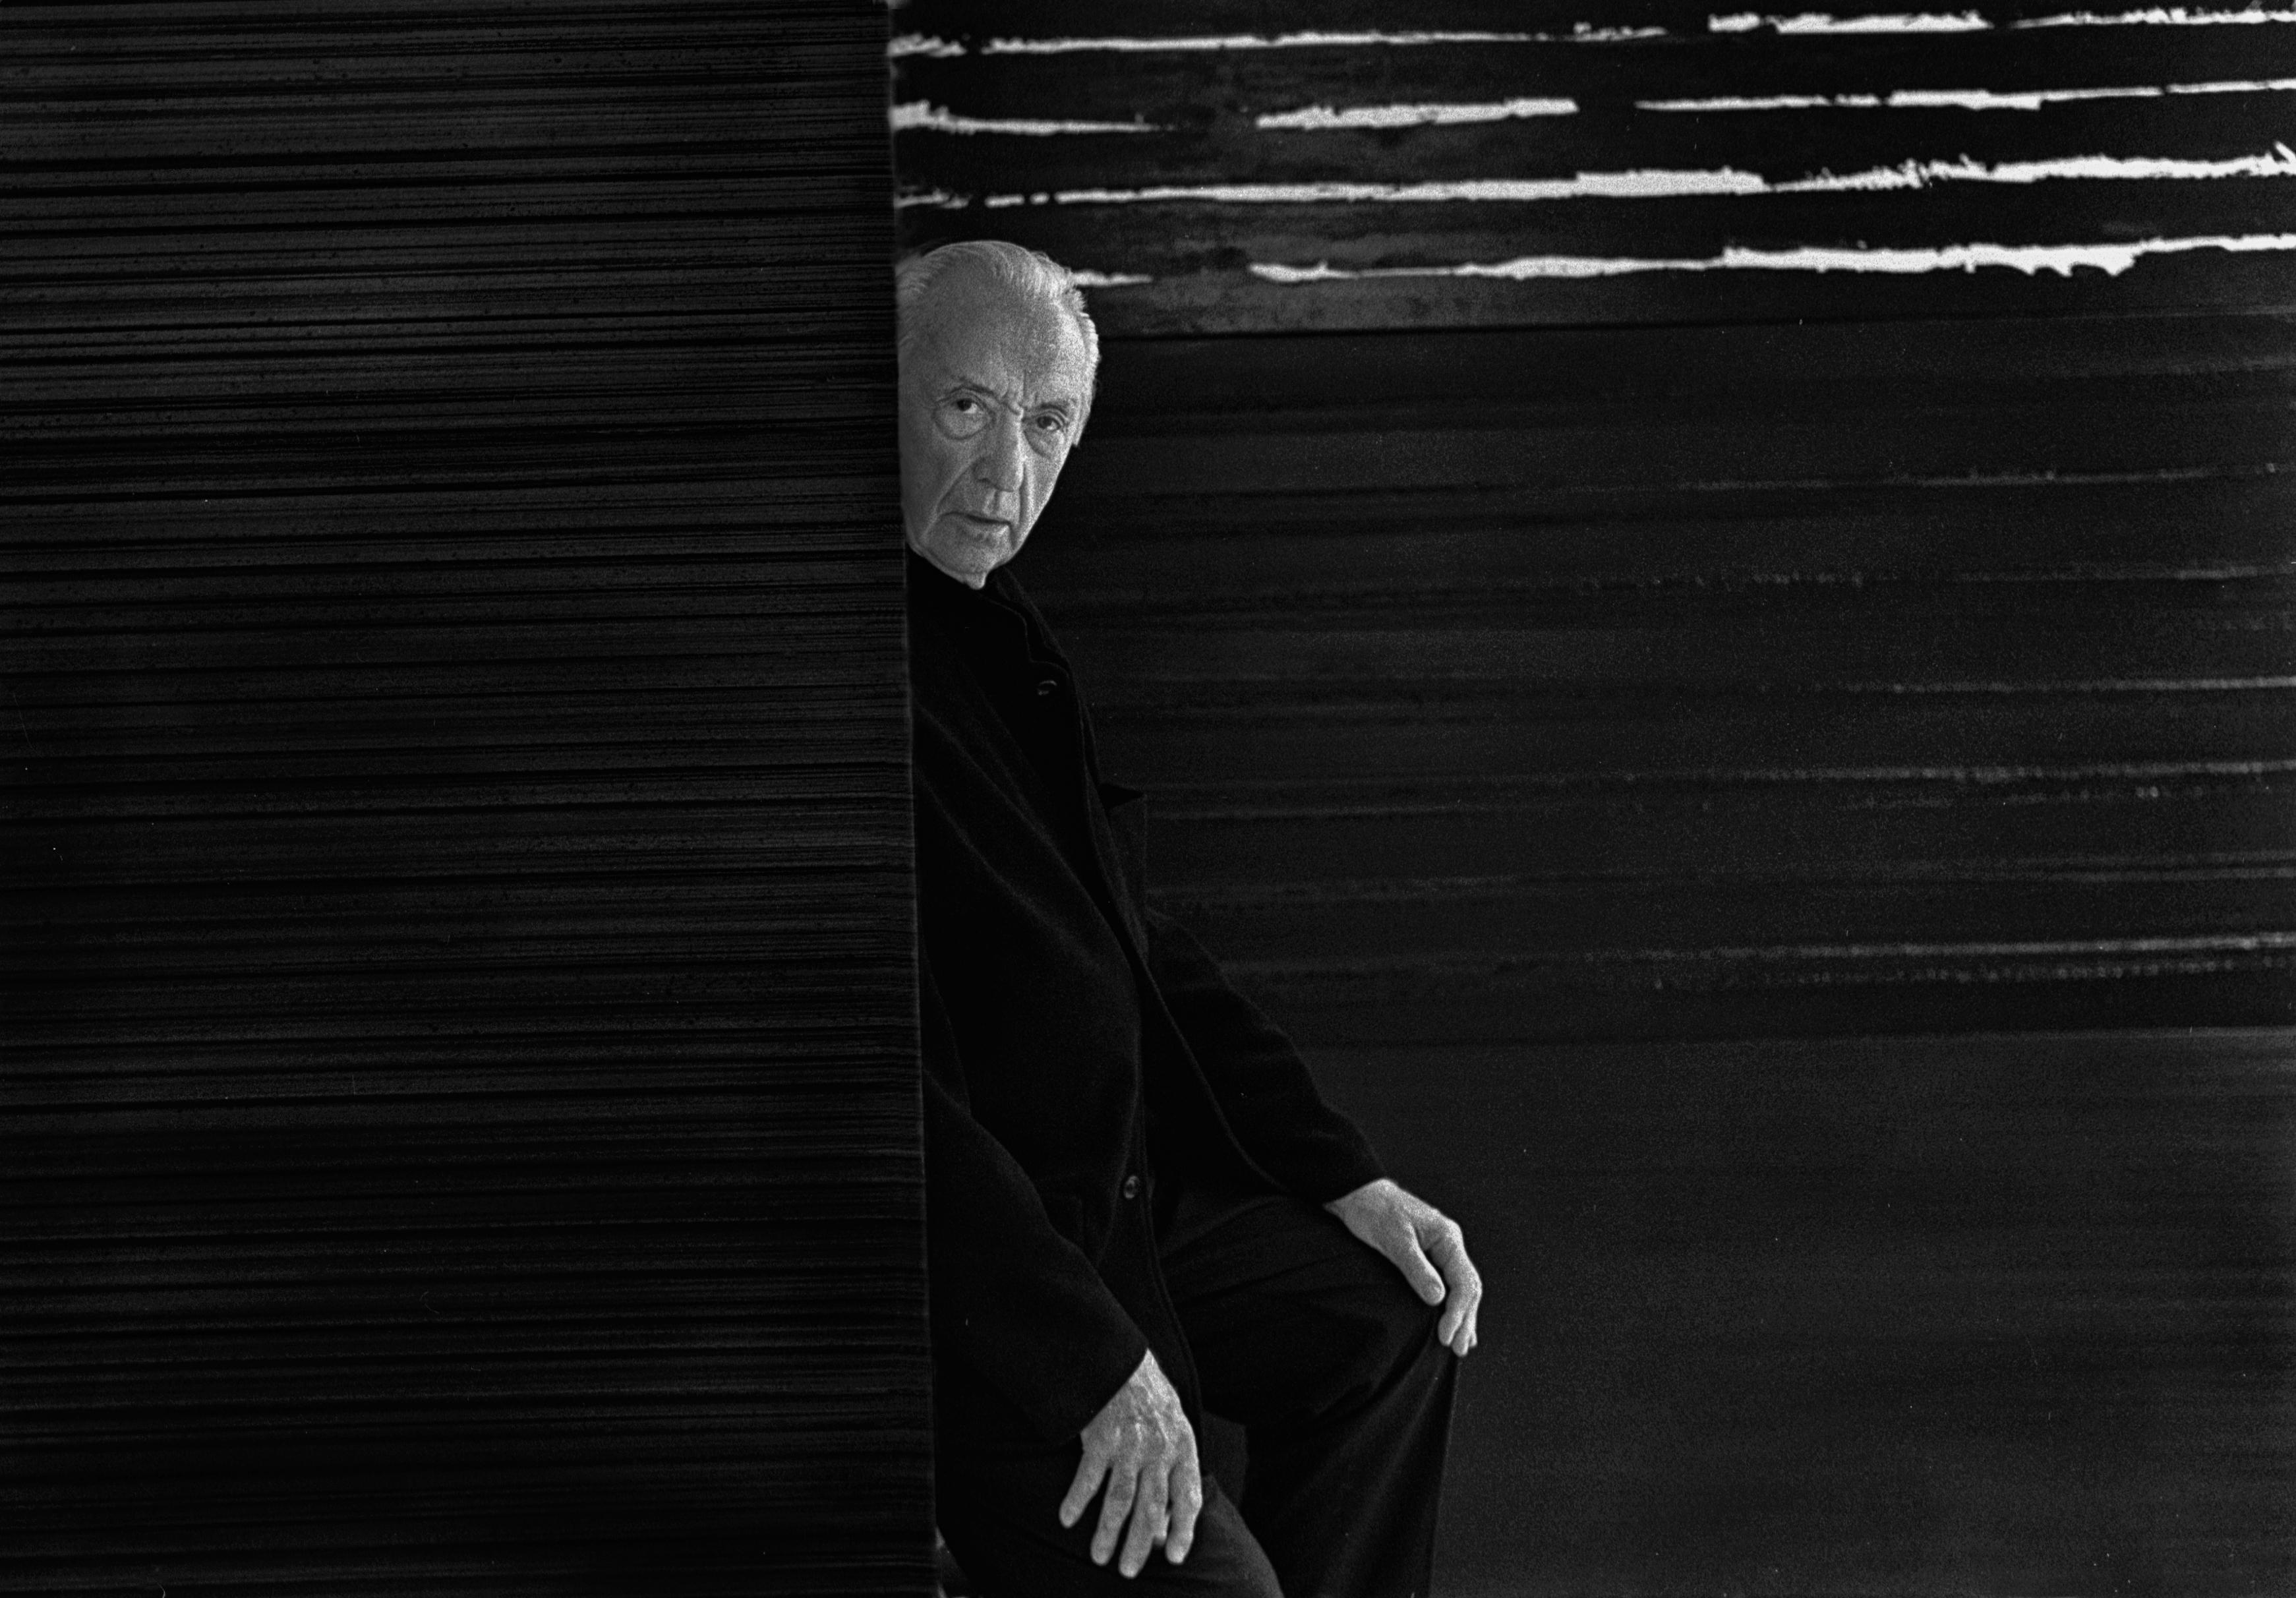 Pierre Soulages celebra su centenario en el Louvre